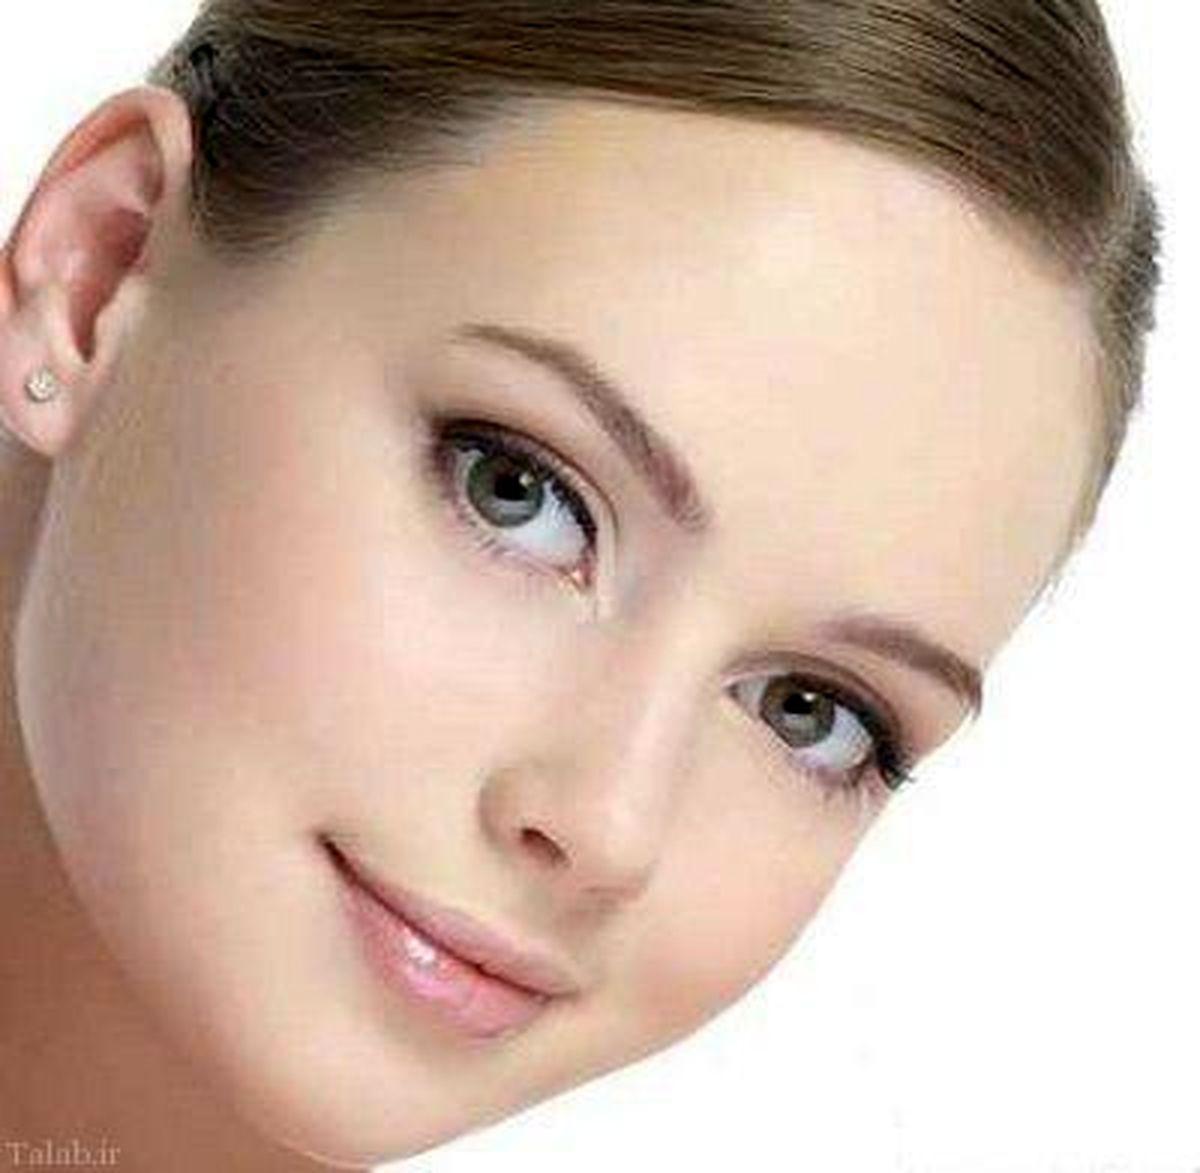 زیبایی طبیعی صورتتان را با این موارد دوچندان کنید